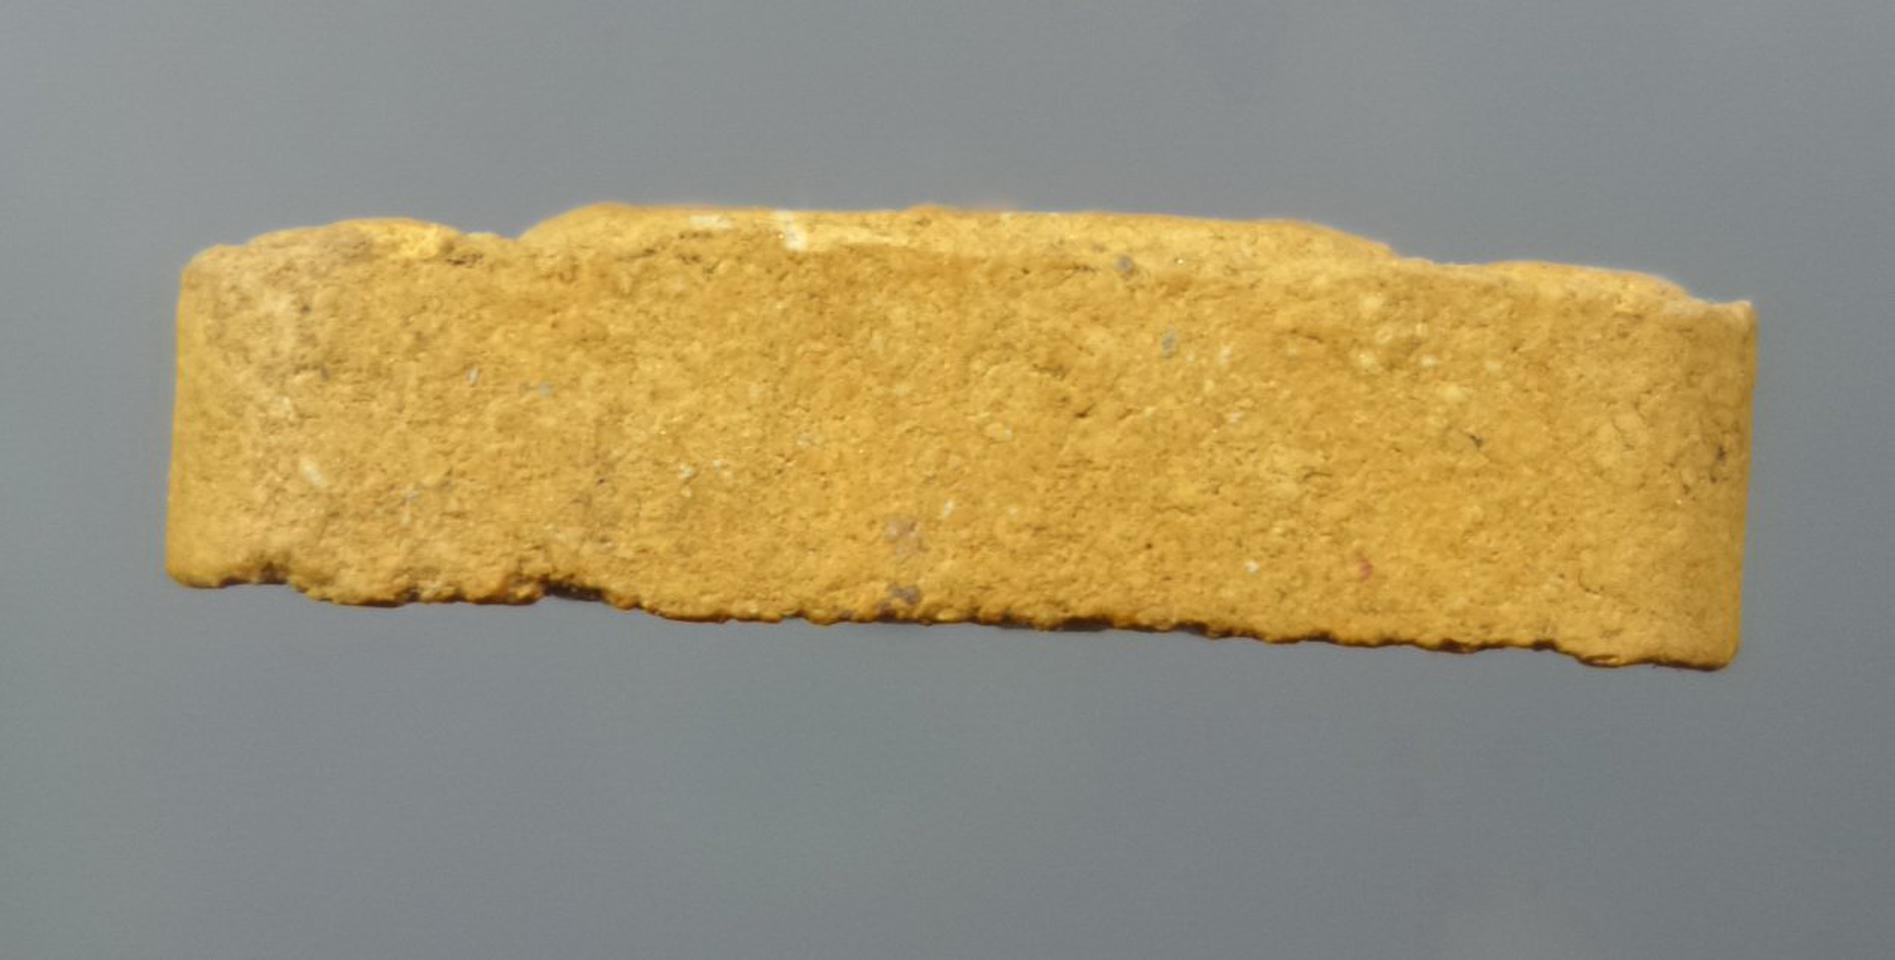 พระขุนแผนพรายกุมารฝังตะกรุดทองคำคู่ หลวงปู่ทิม วัดระหารไร่   รูปที่ 1